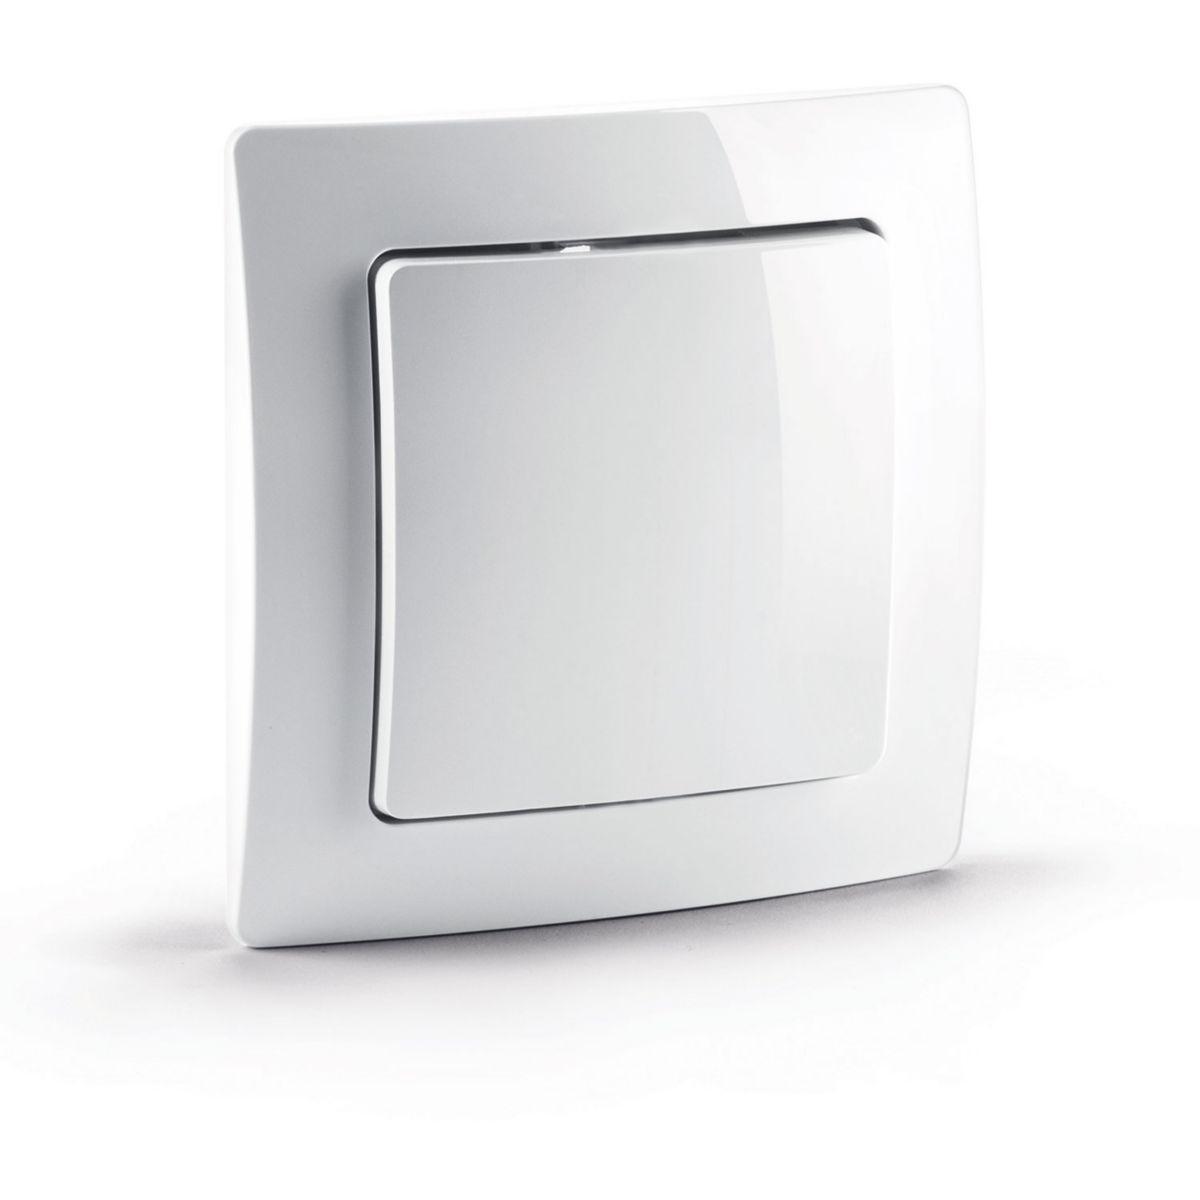 Interrupteur connect� devolo interrupteur intelligent - 20% de remise imm�diate avec le code : school20 (photo)